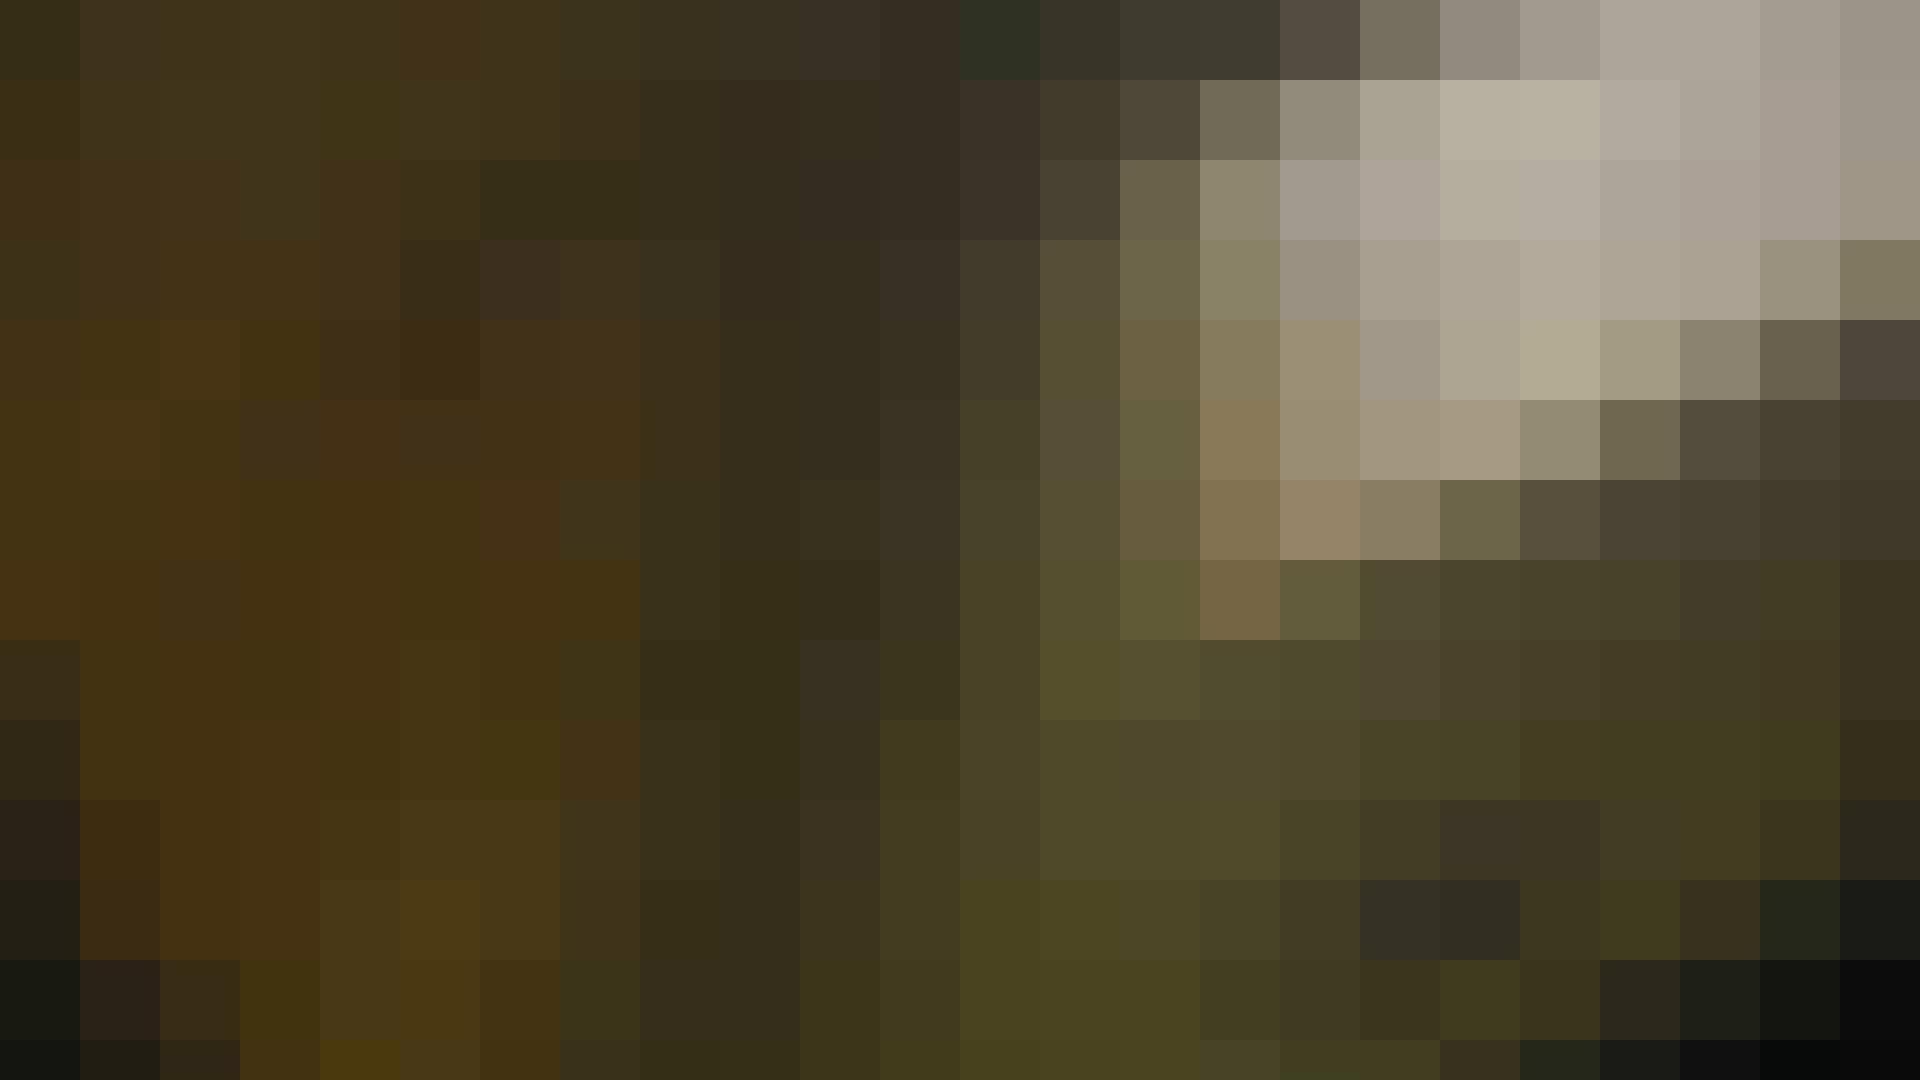 阿国ちゃんの「和式洋式七変化」No.18 iBO(フタコブ) 洗面所  112pic 83